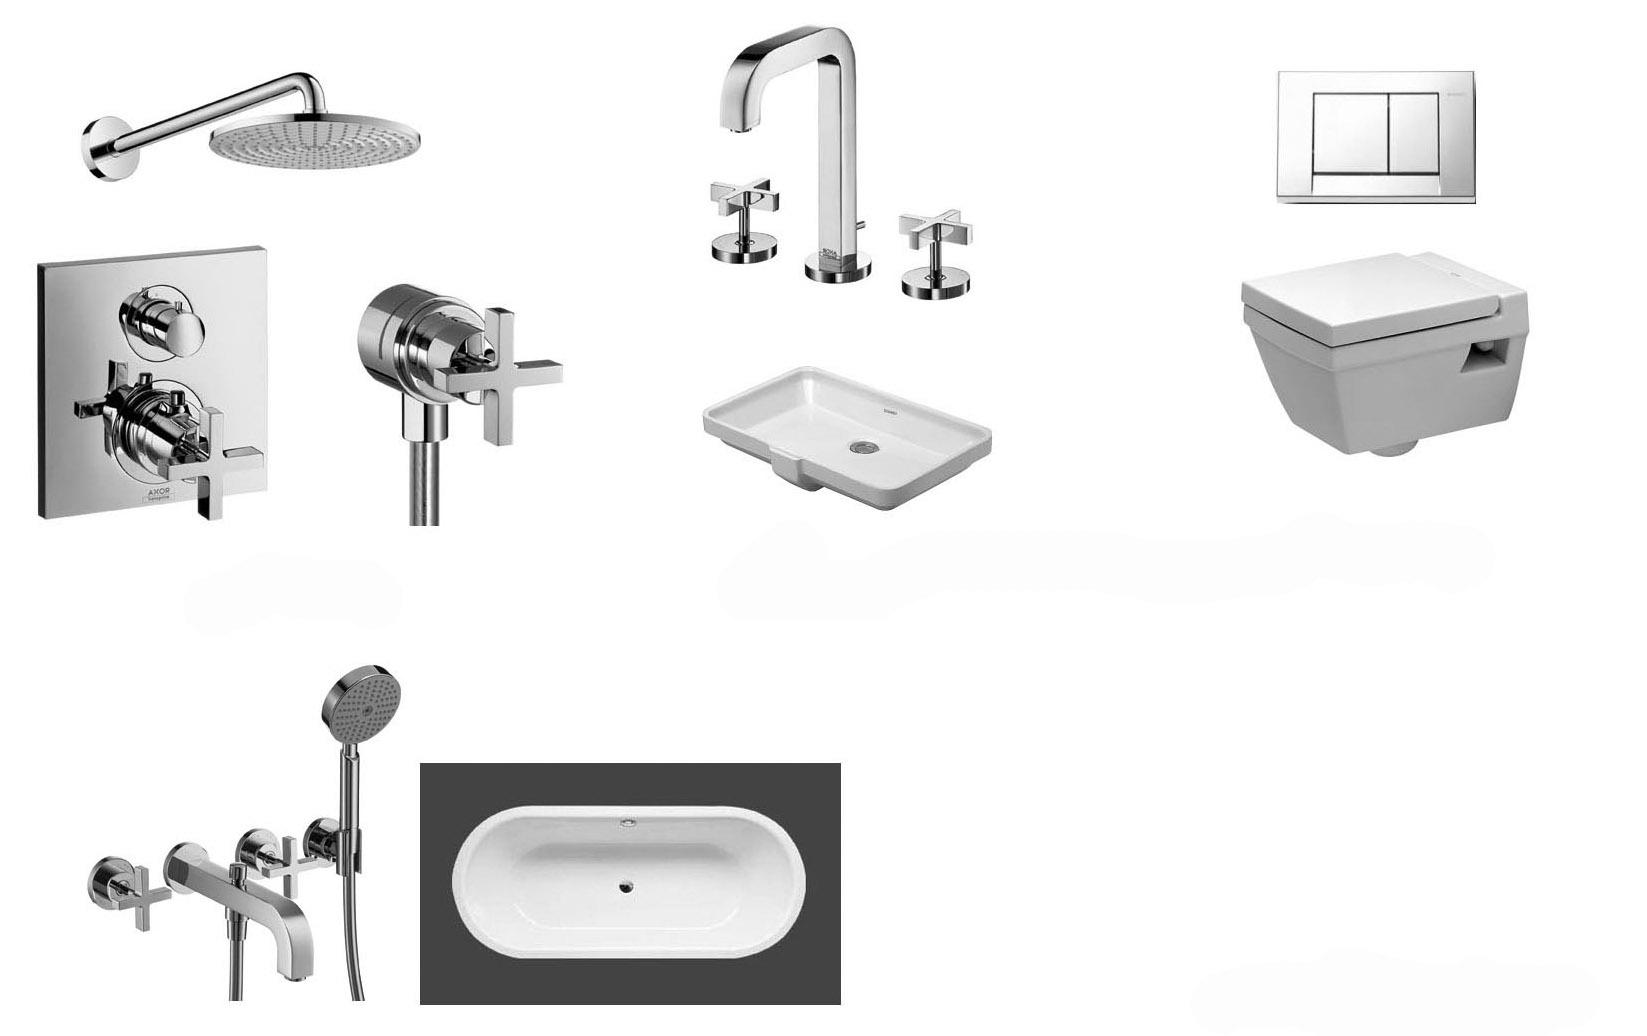 Bloc Salle De Bain Compacte ~ bloc sanitaire prfabriqu pour camping car cabine de douche h mm